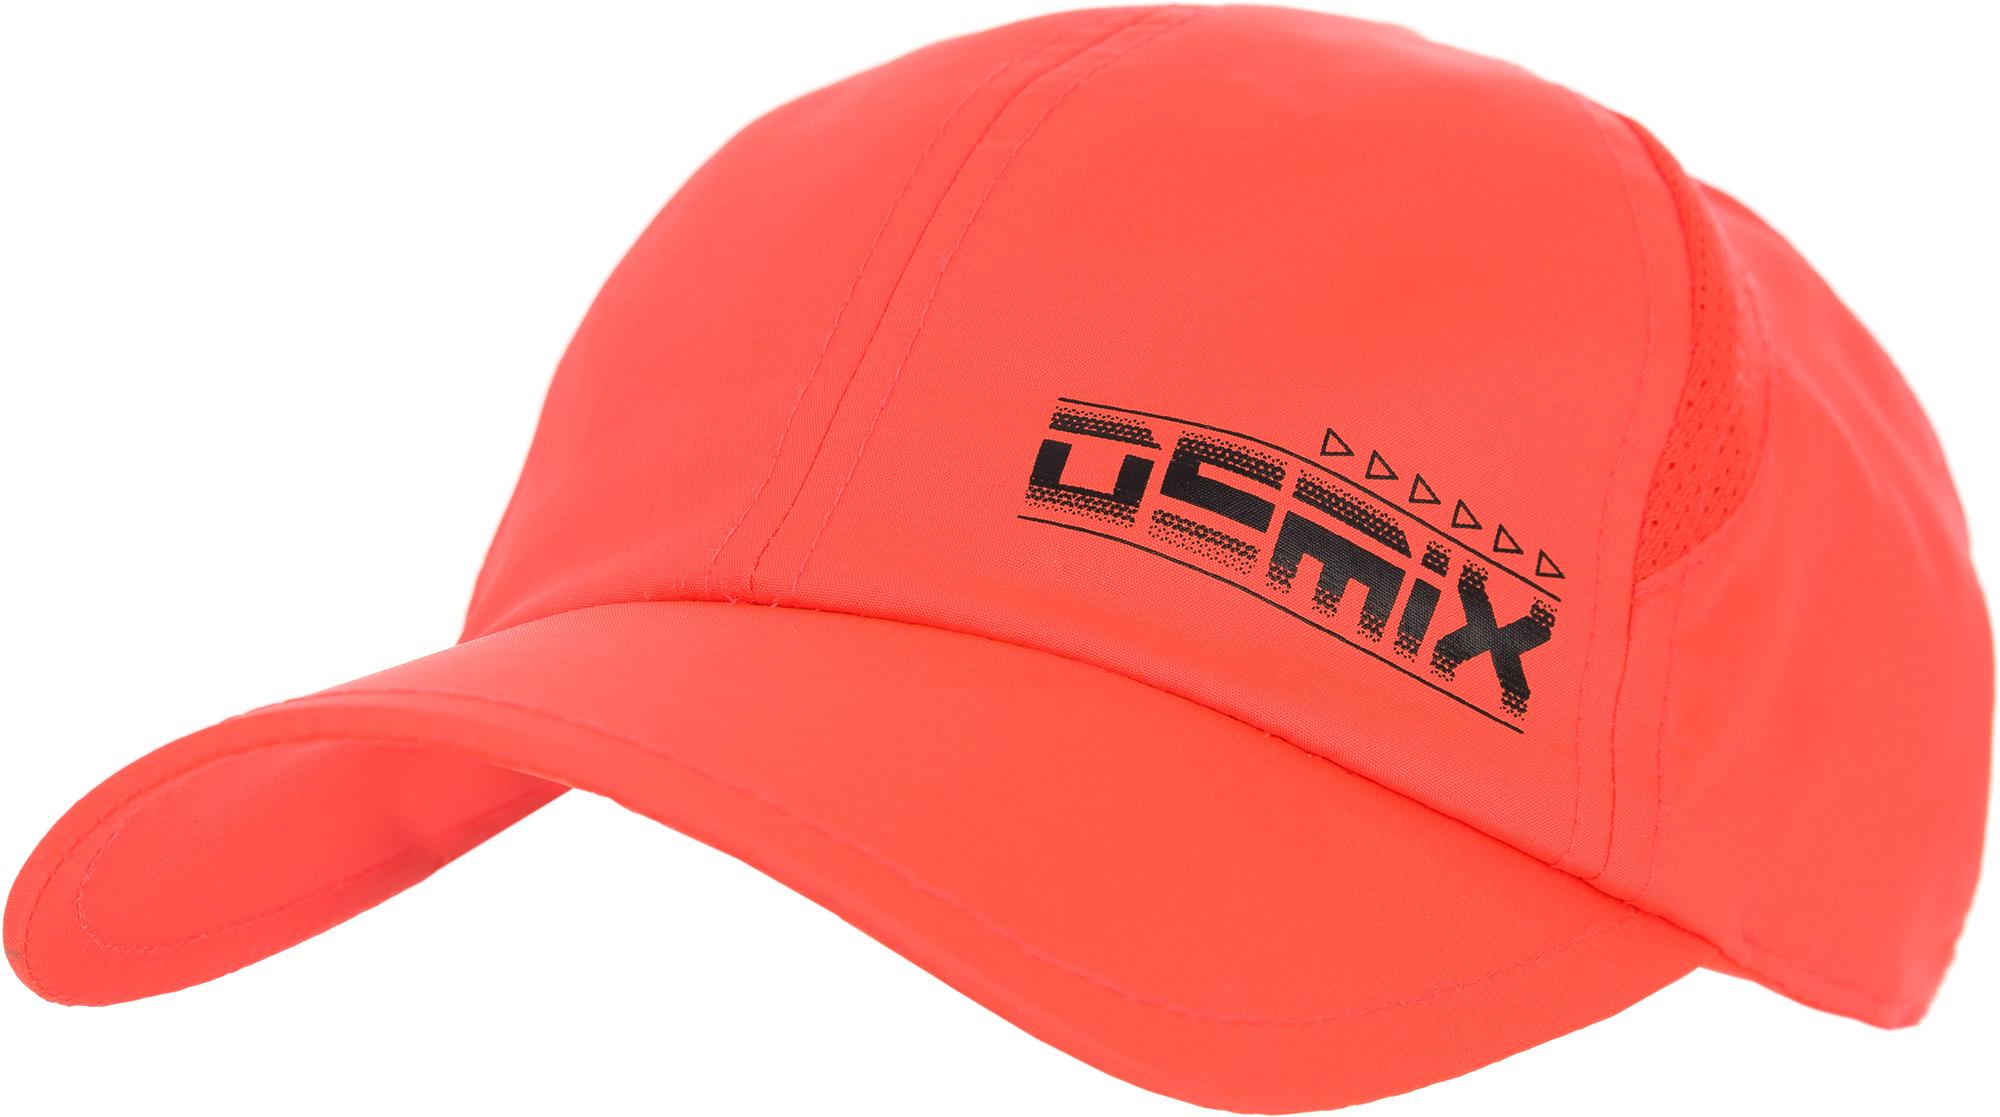 Demix Бейсболка для мальчиков Demix, размер 54 цена в Москве и Питере